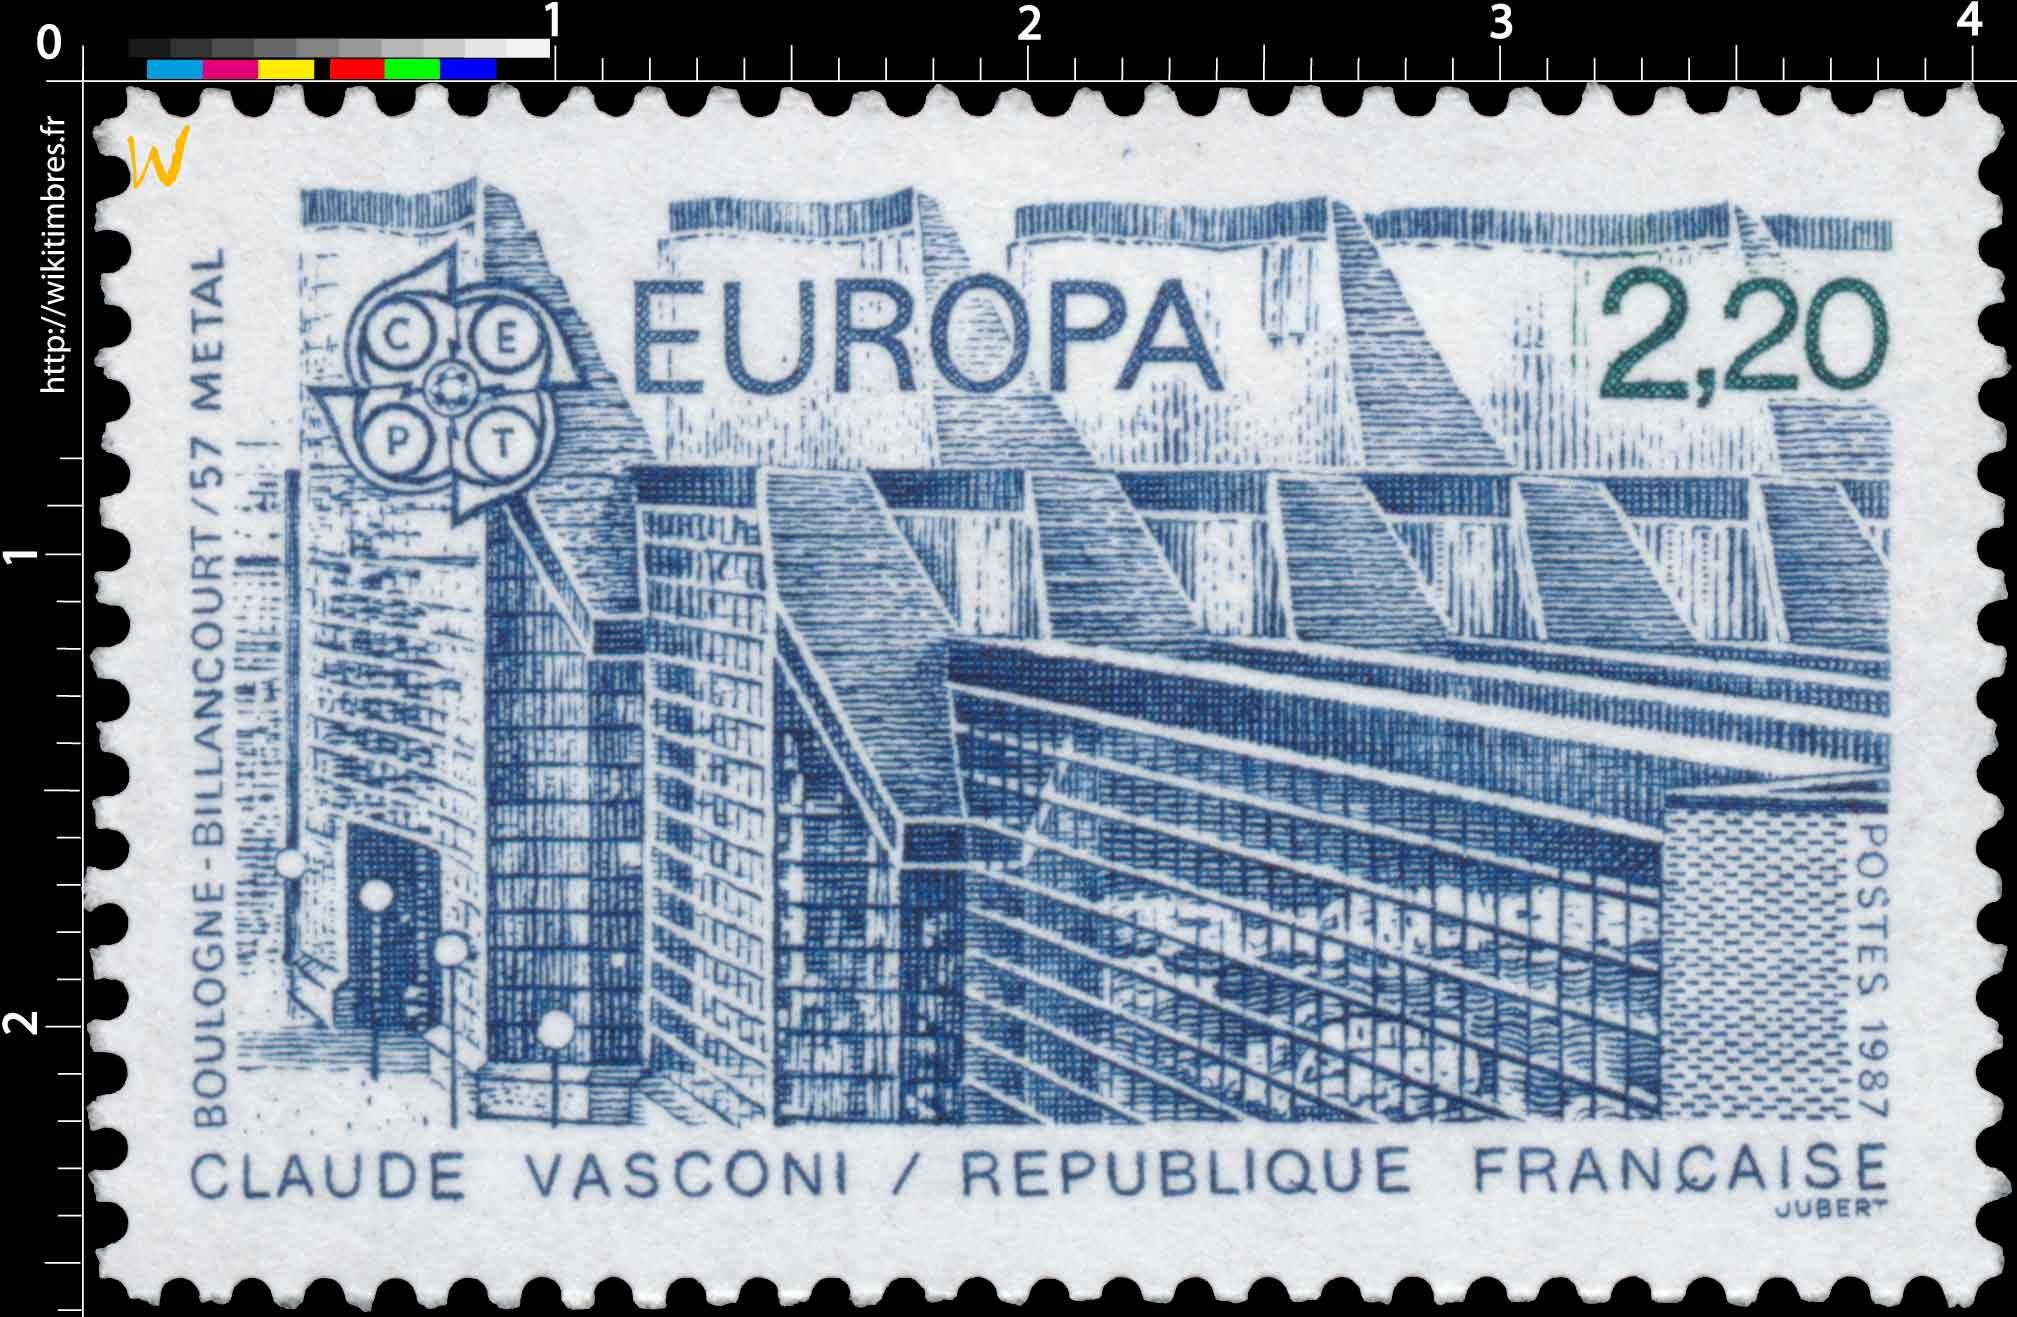 1987 EUROPA CEPT CLAUDE VASCONI BOULOGNE-BILLANCOURT/57 MÉTAL